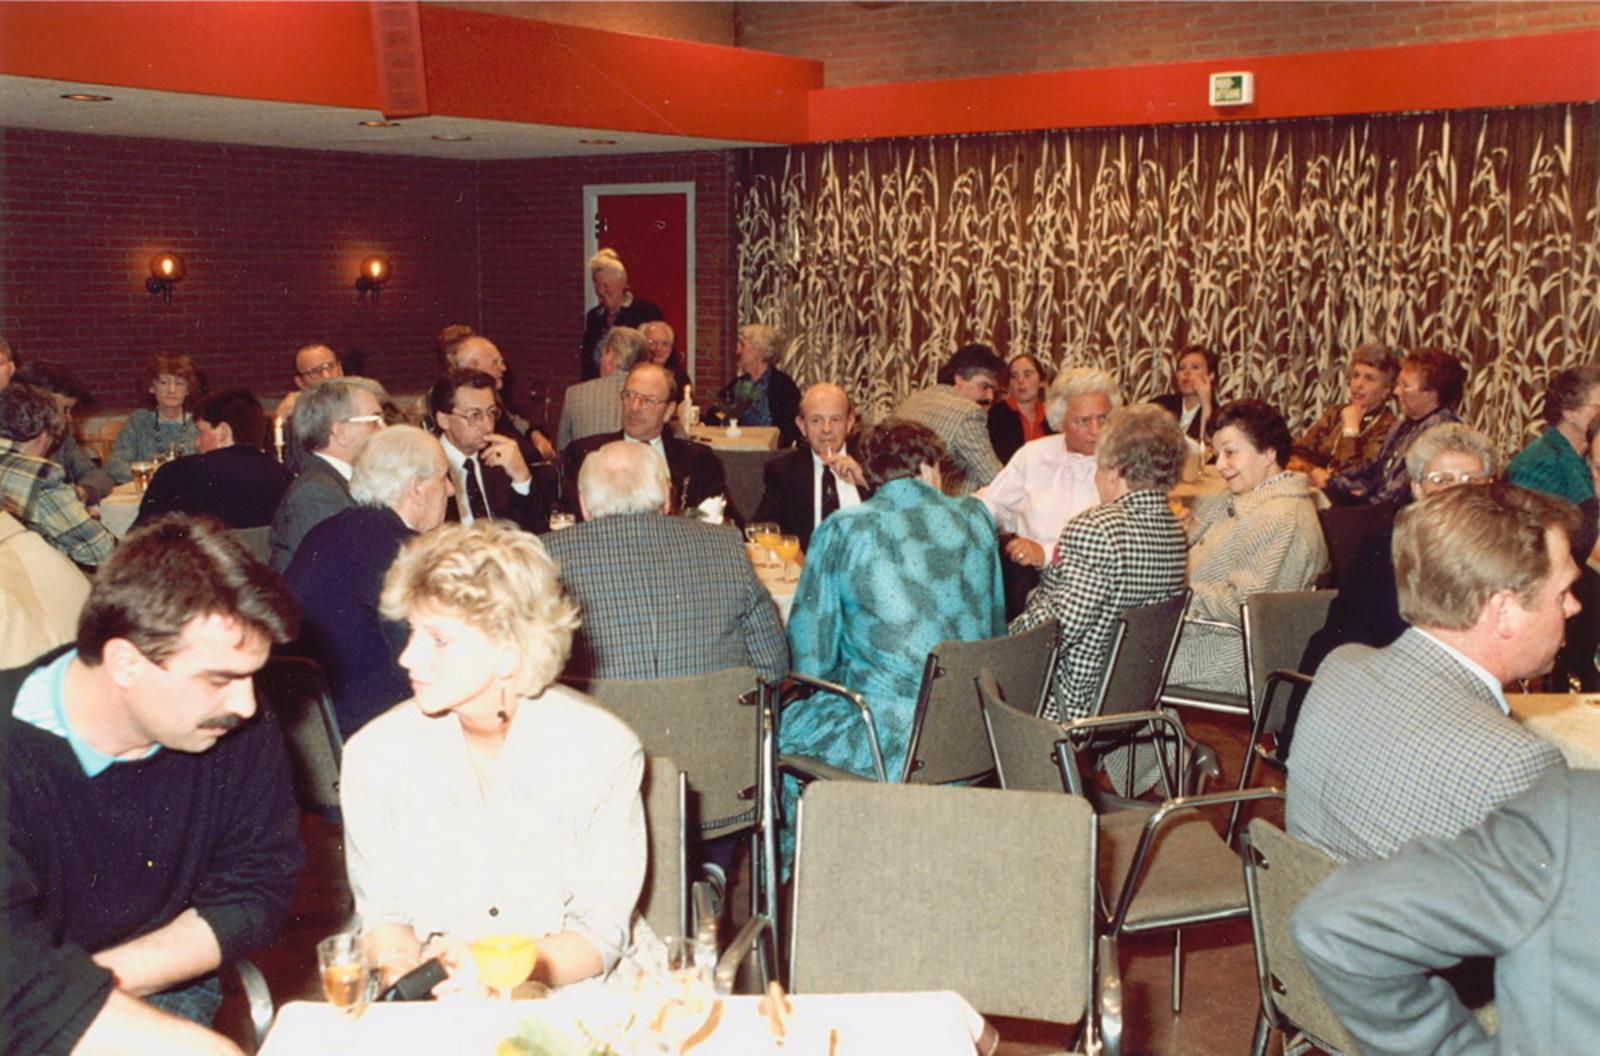 Marktlaan O 0022 1988 Sigarenboer Kraak 50jr Jub en Sluiting 51